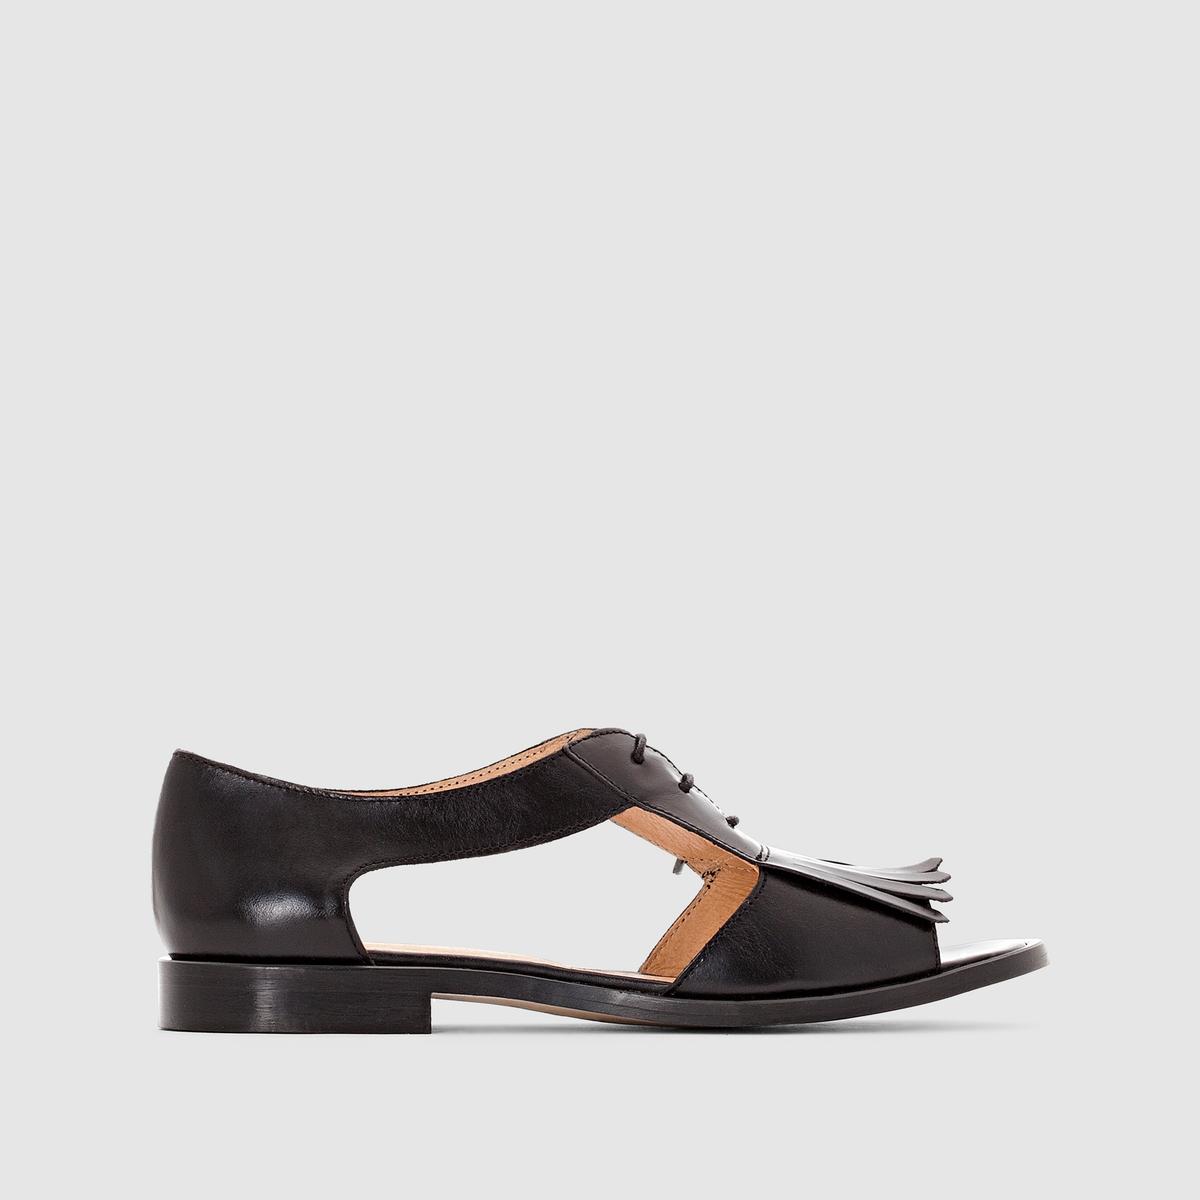 Босоножки из кожи плоские с вырезами JONAKПреимущества:  босоножки из кожи от JONAK в оригинальном стиле, который меняет стандарты для плоских сандалий на шнуровке с тем, чтобы сделать их самыми желанными в этом сезоне .<br><br>Цвет: черный<br>Размер: 38